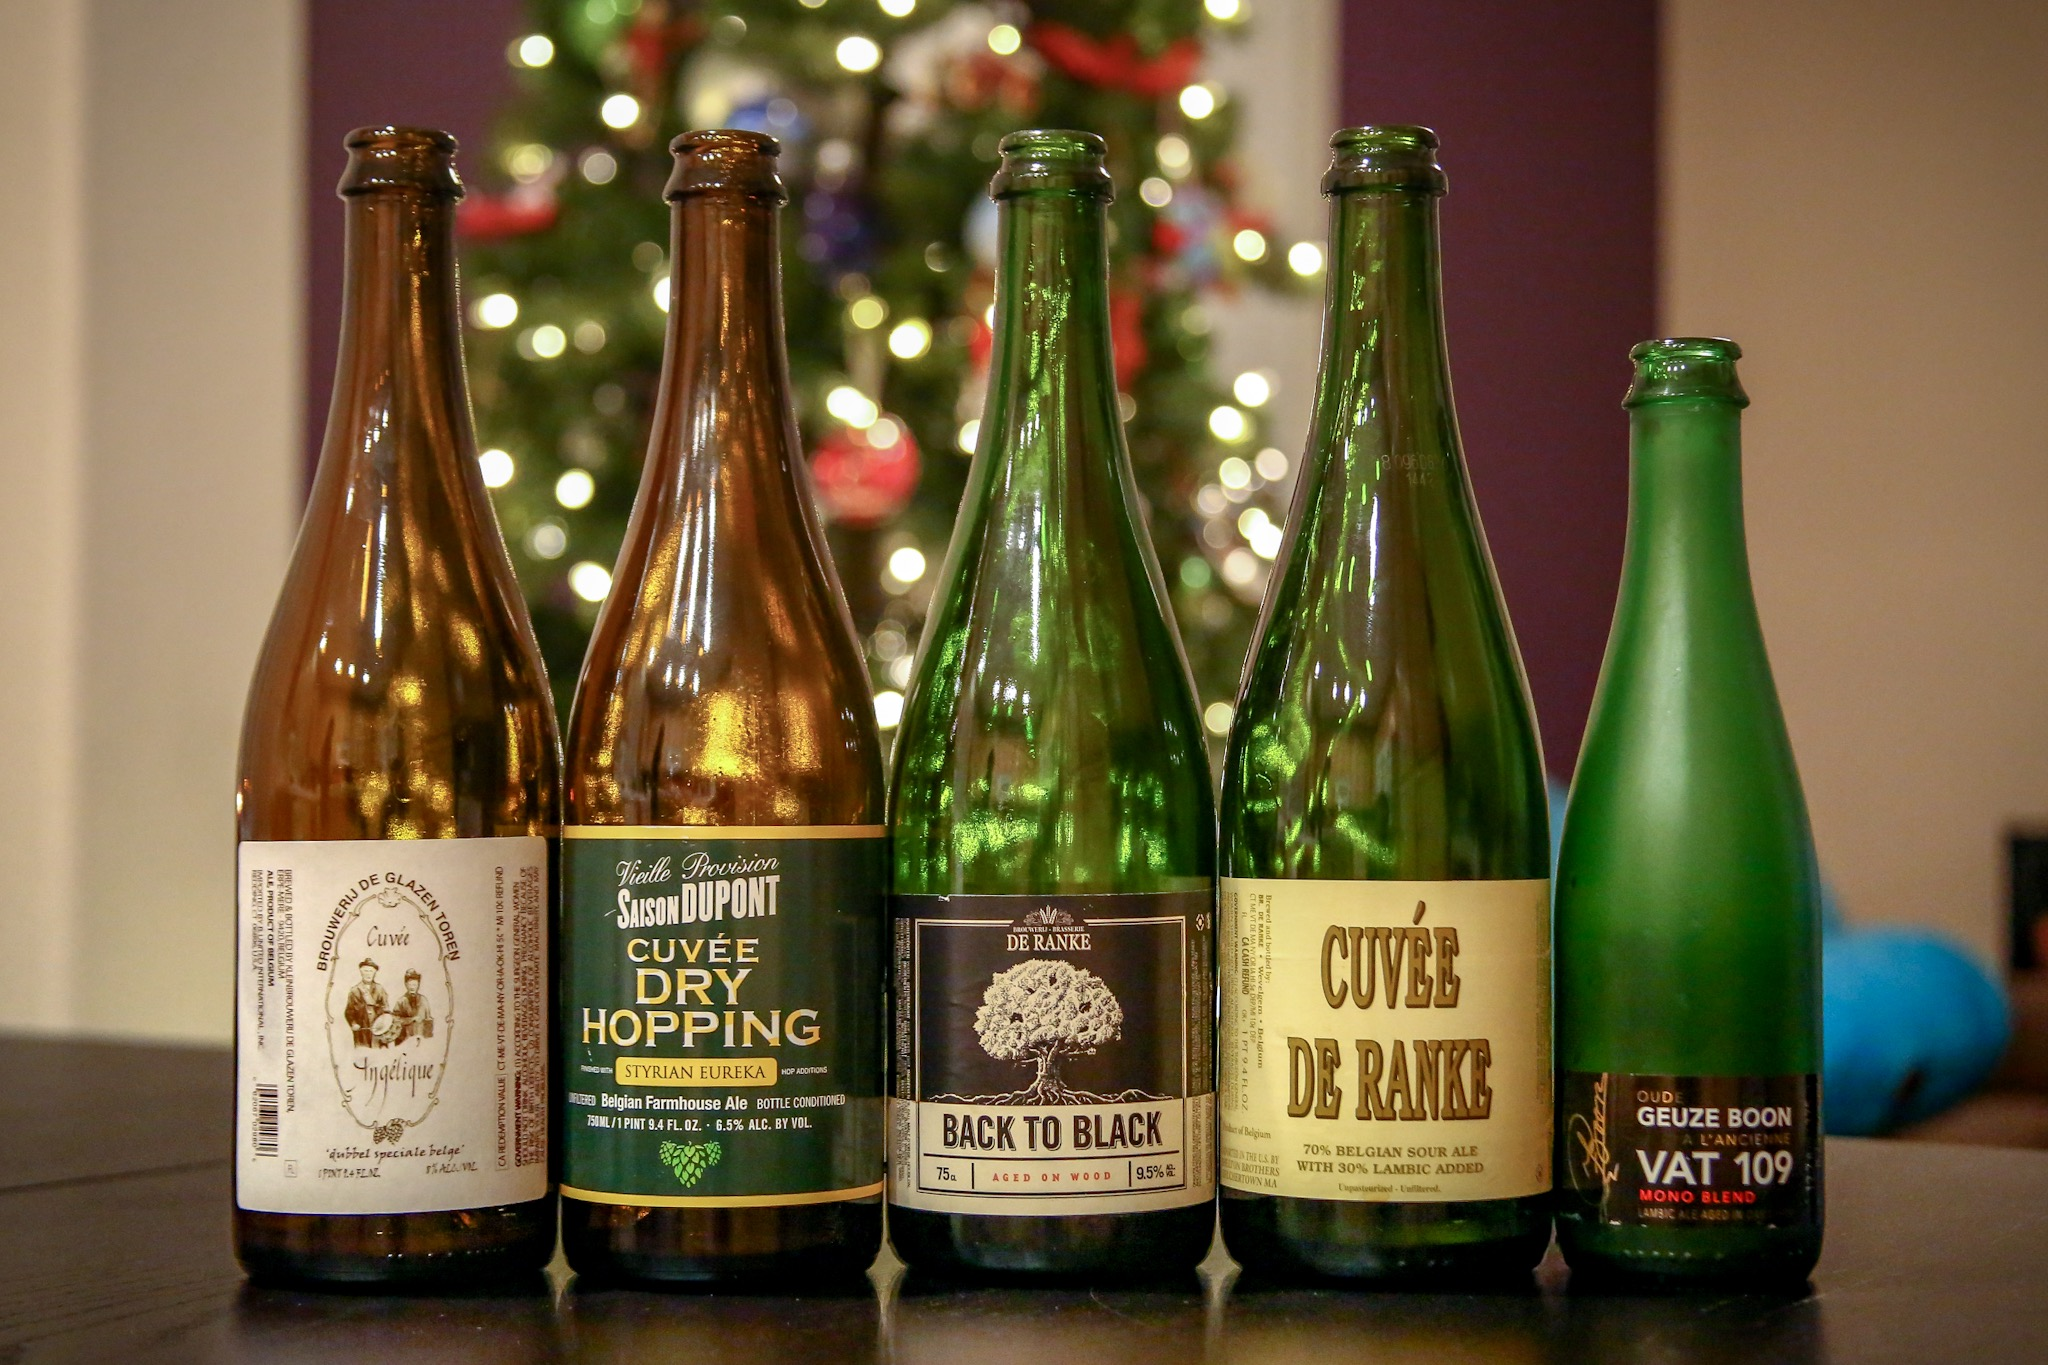 Beers From Belgium